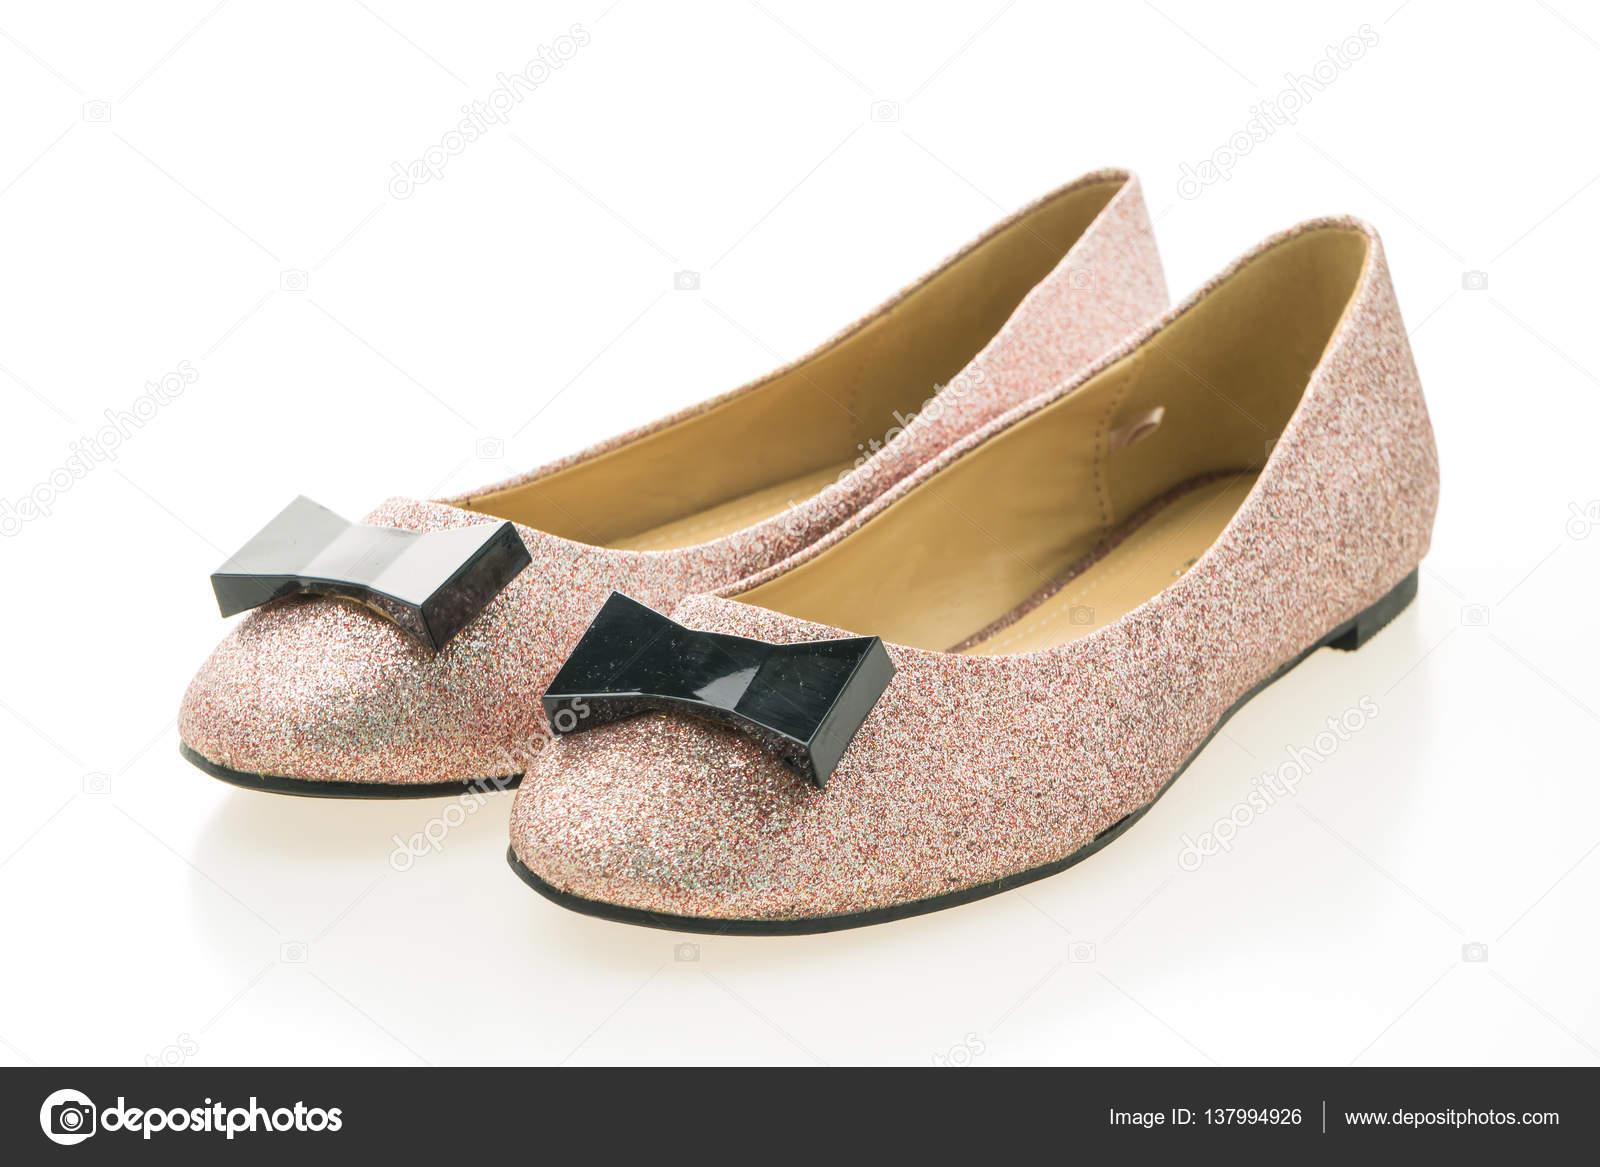 3e15660bd06f1 Zapatos y calzado para mujer — Foto de Stock